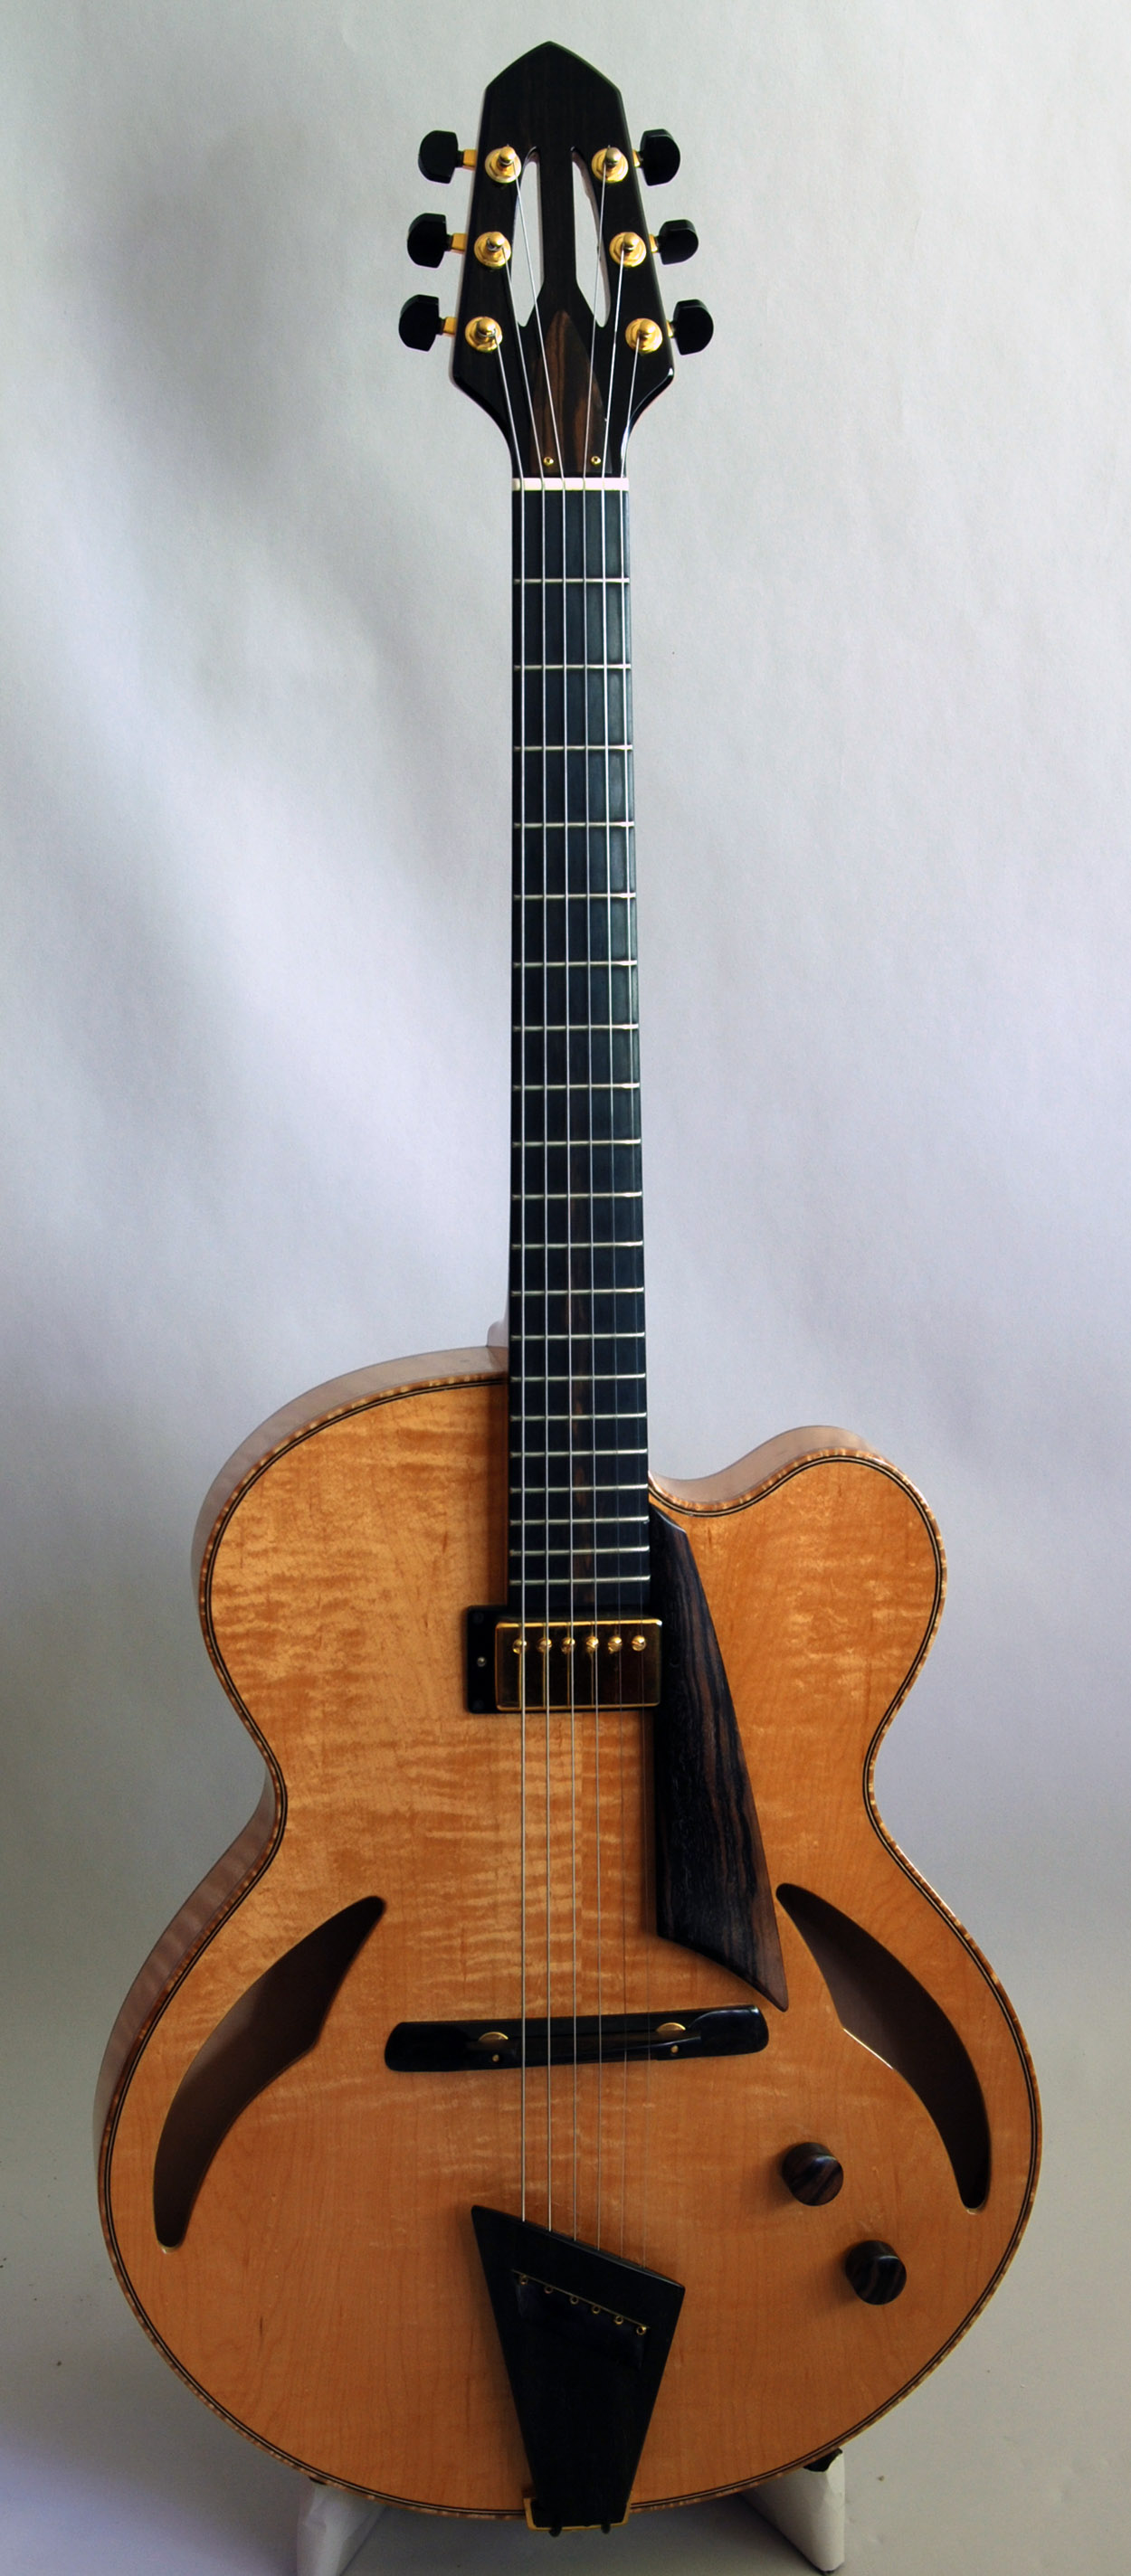 monteleone guitar for sale